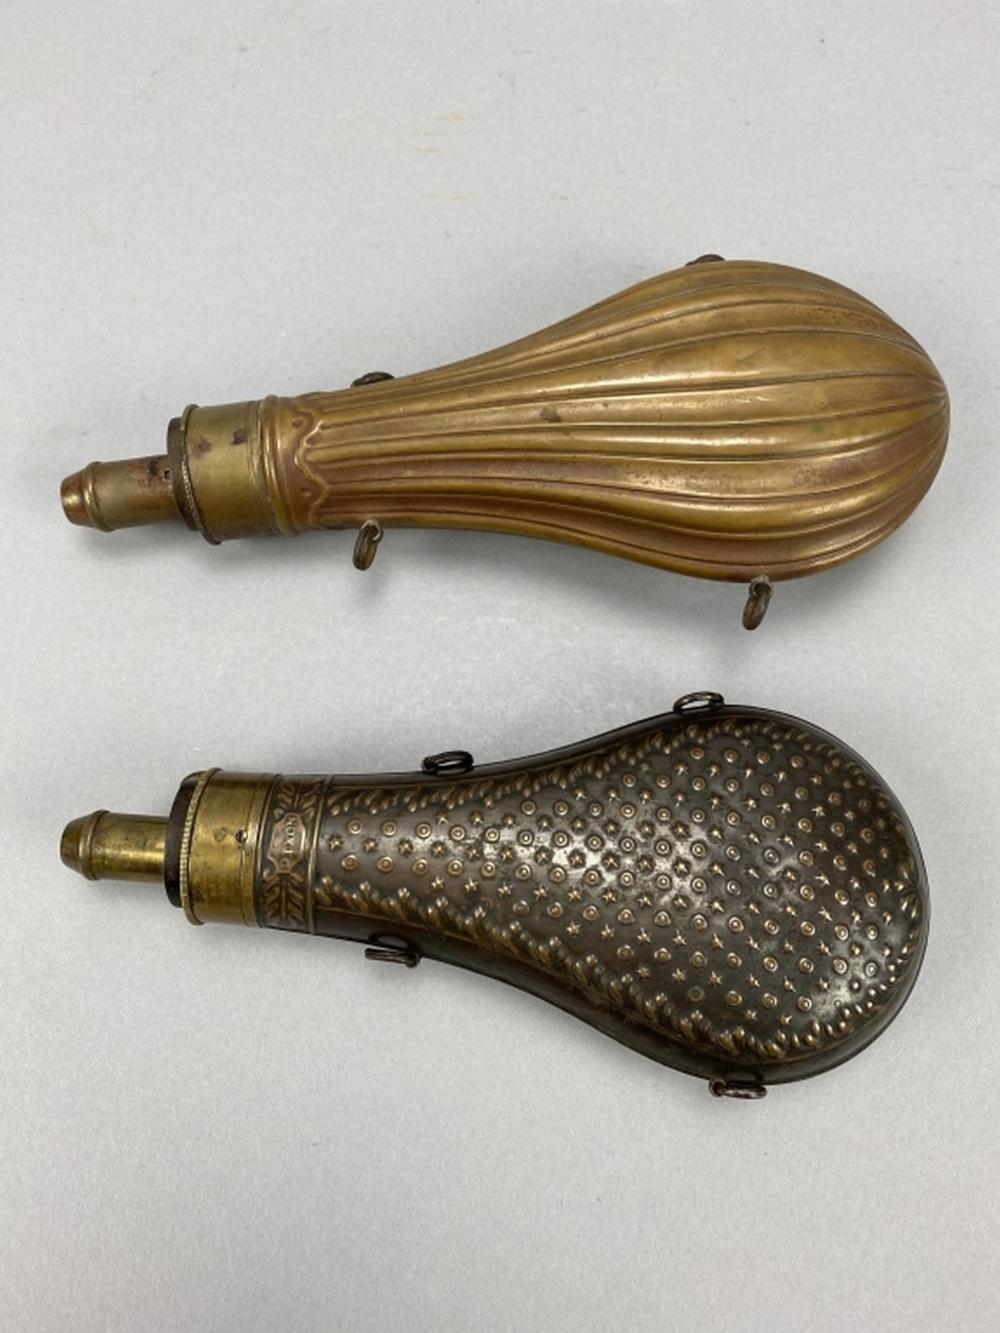 2 Antique Powder Flasks